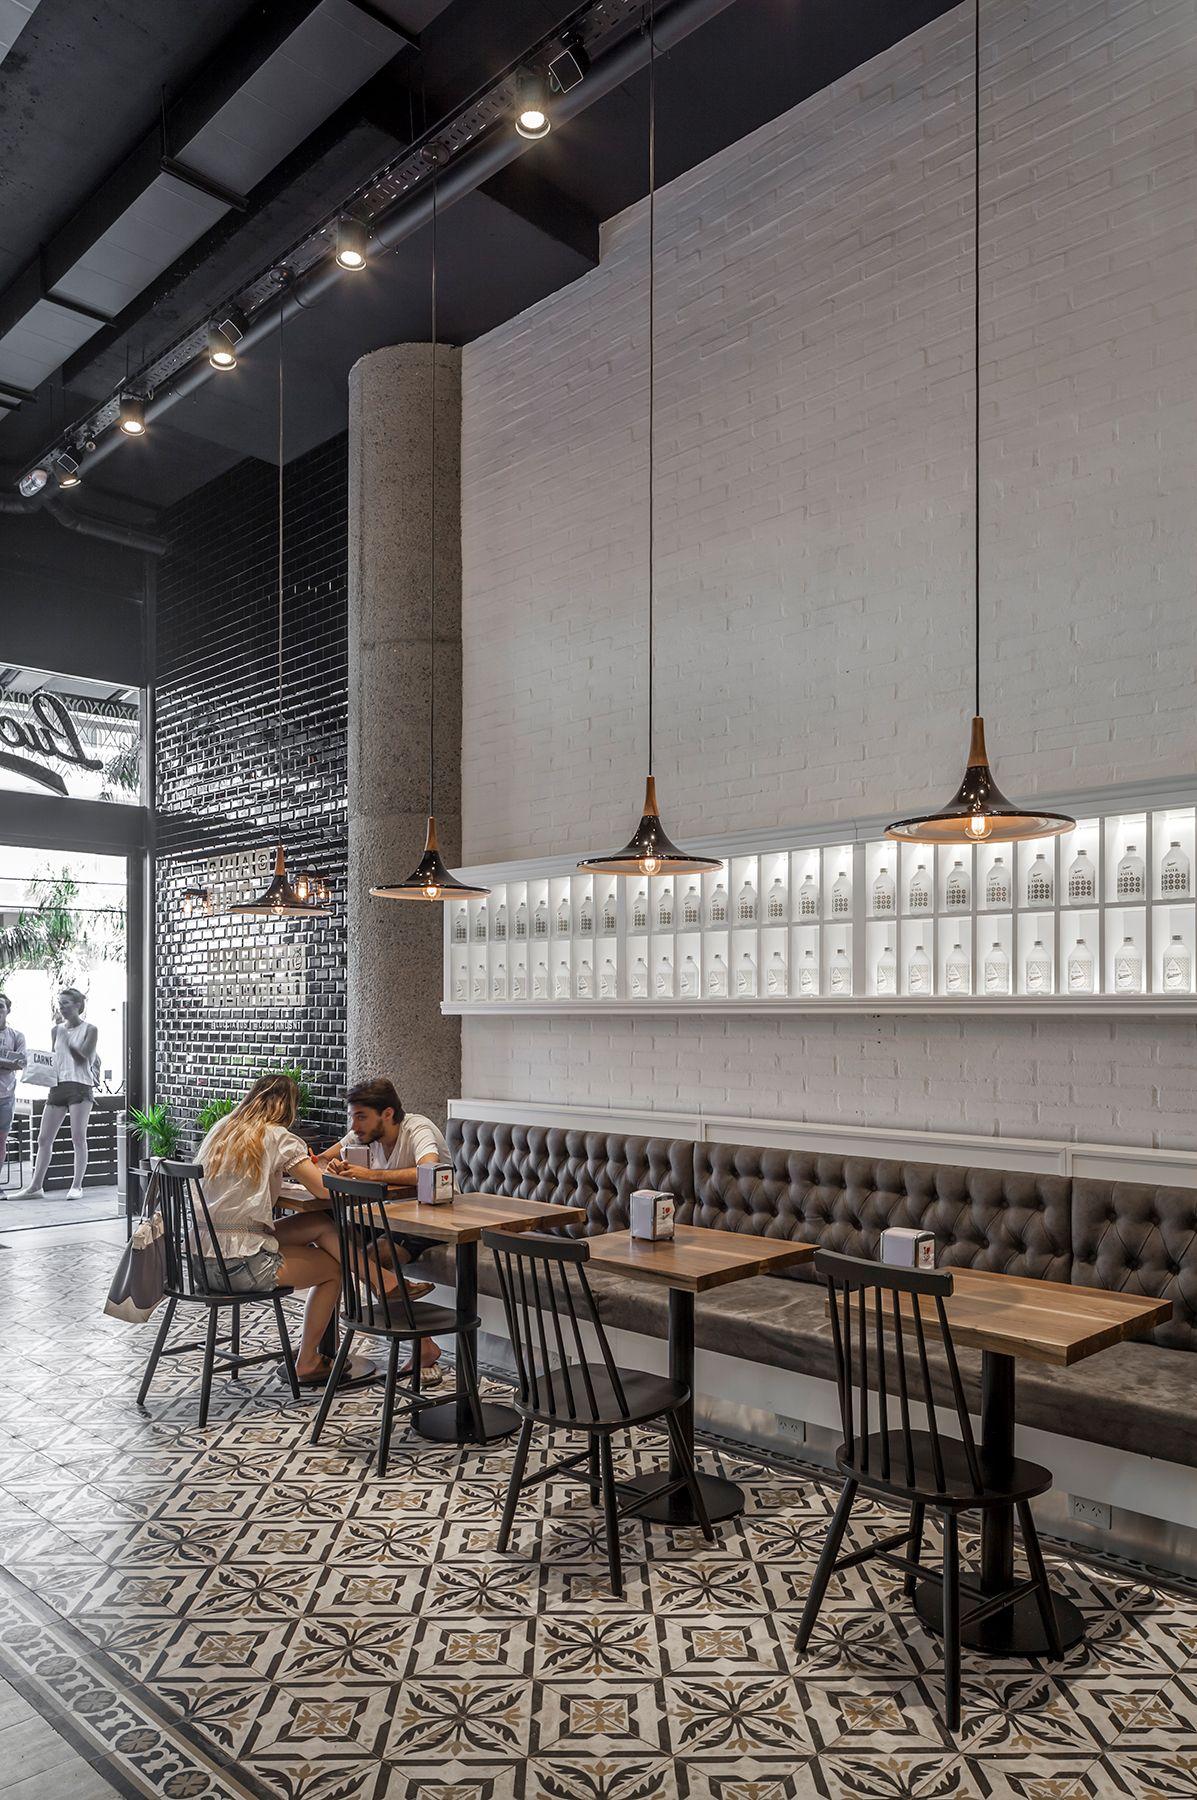 Lucciano´s Icecream & coffee shop, Olivos